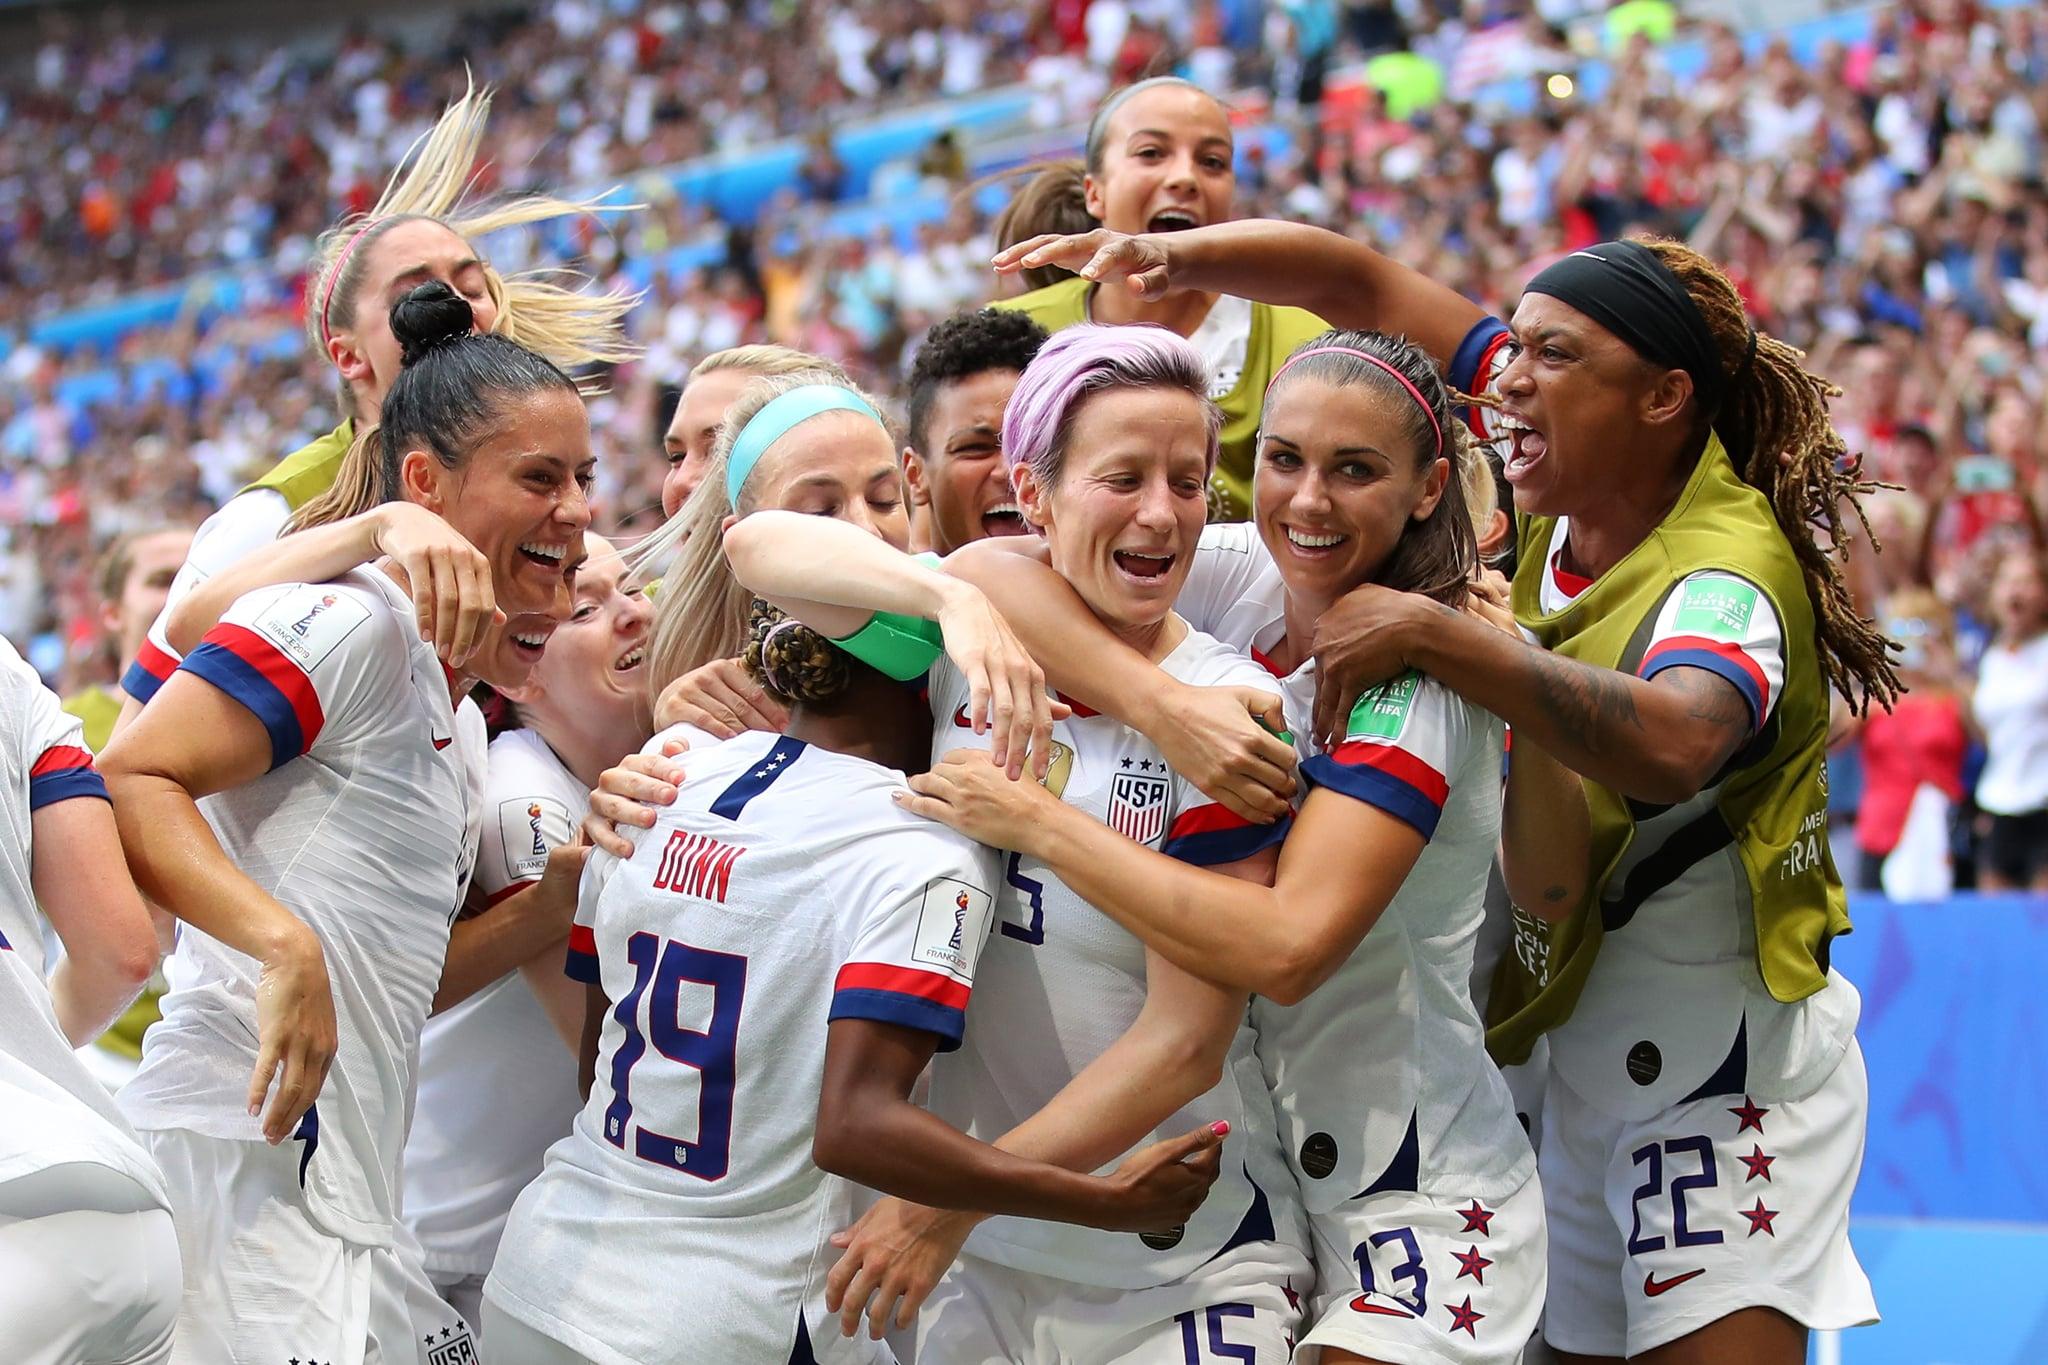 تیم ملی فوتبال زنان ایالات متحده در جام جهانی 2019